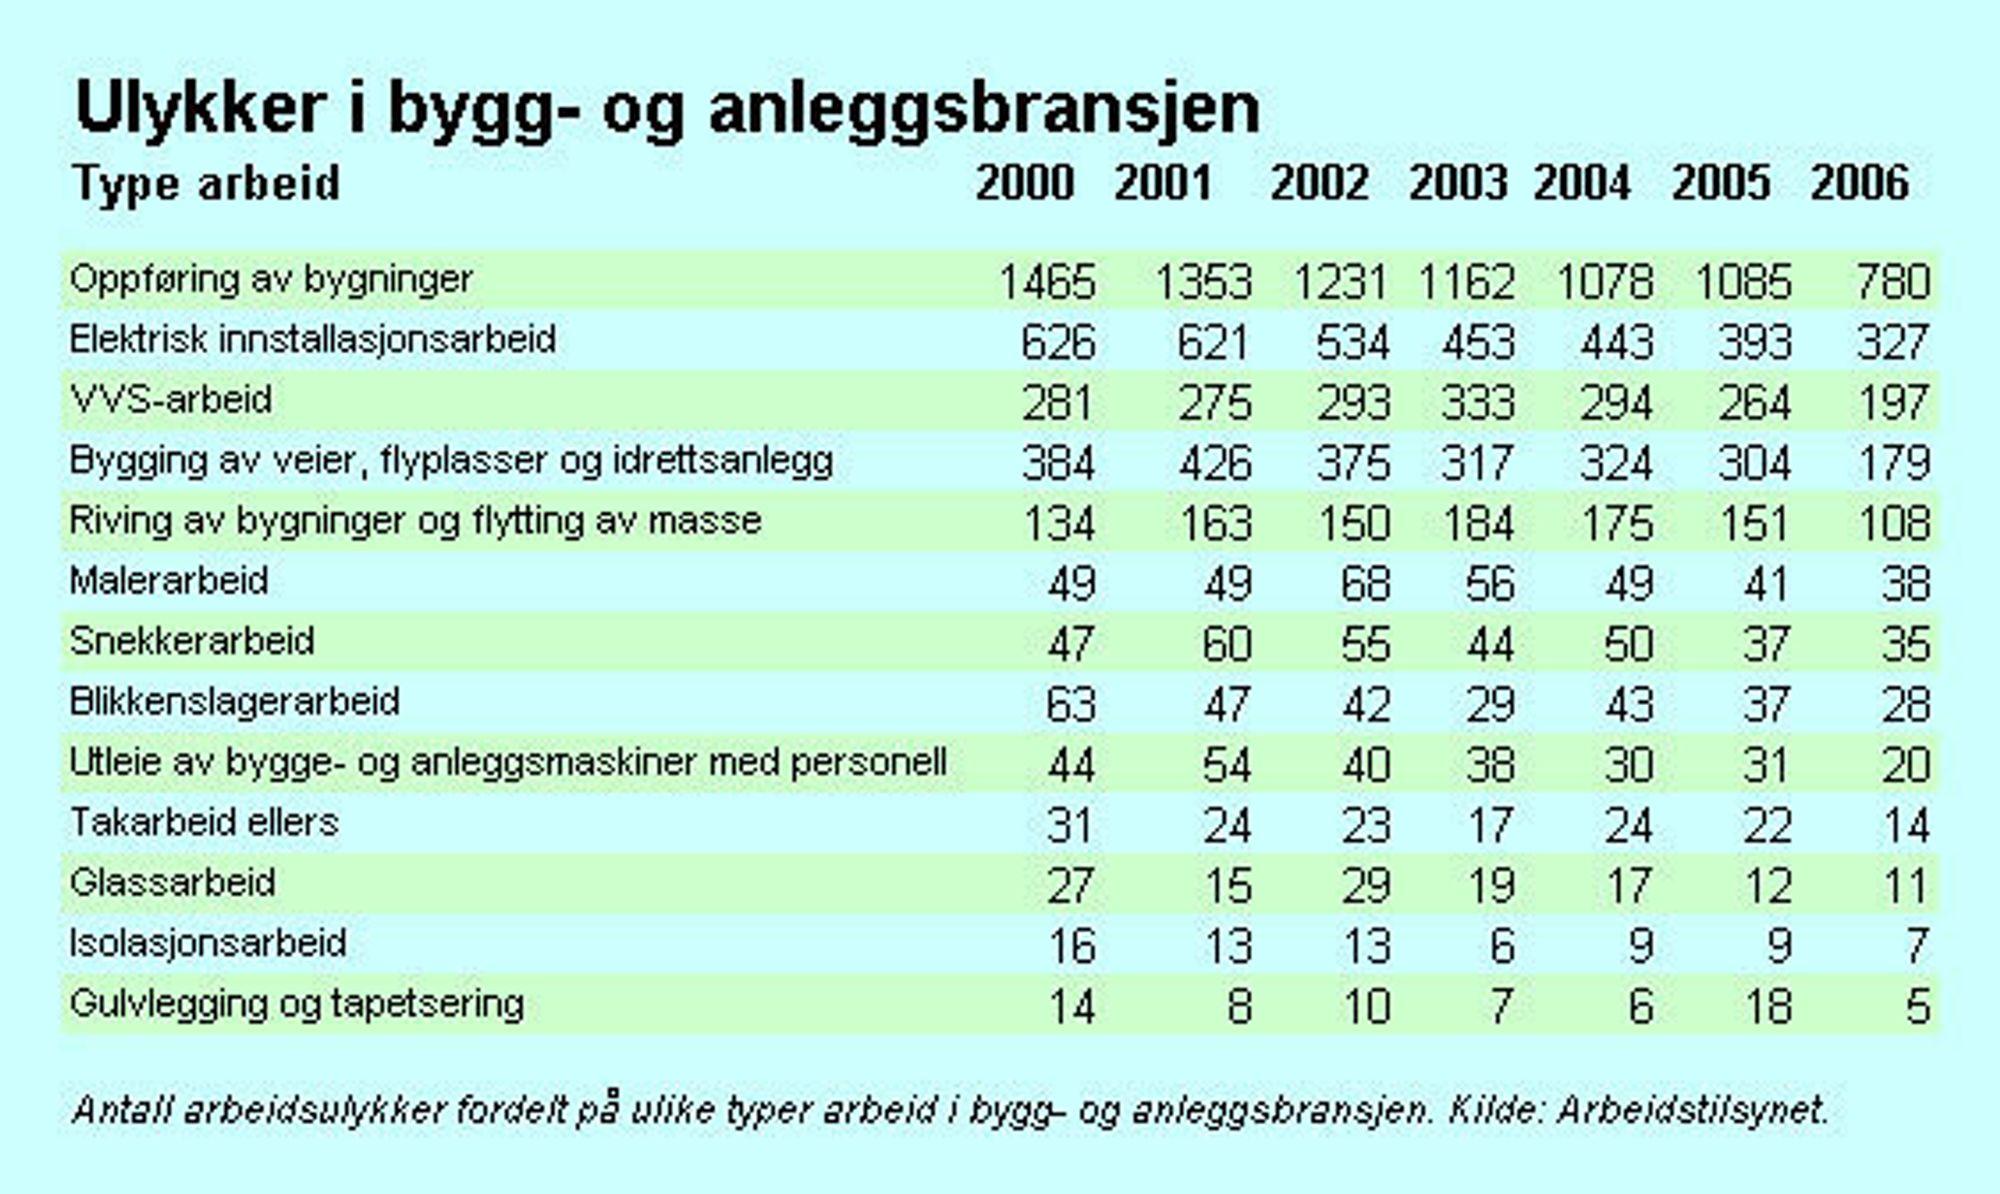 Ulykker fordelt på antall ansatte